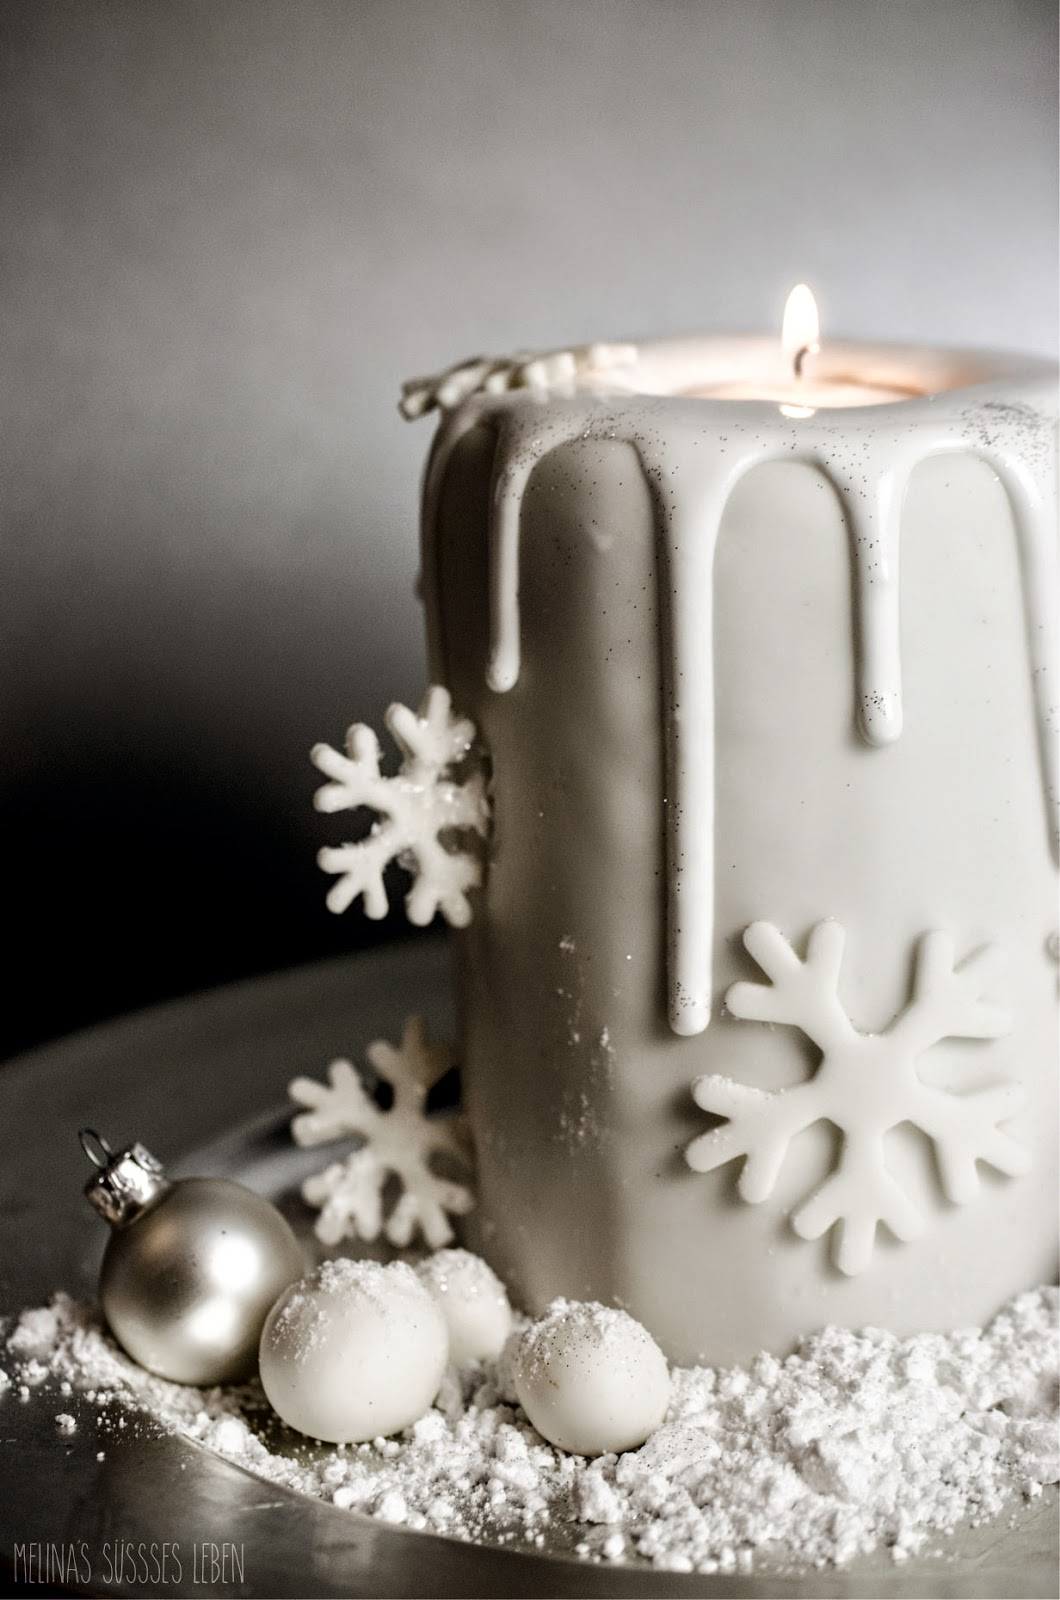 melina 39 s food und lifestyleblog candle cake. Black Bedroom Furniture Sets. Home Design Ideas